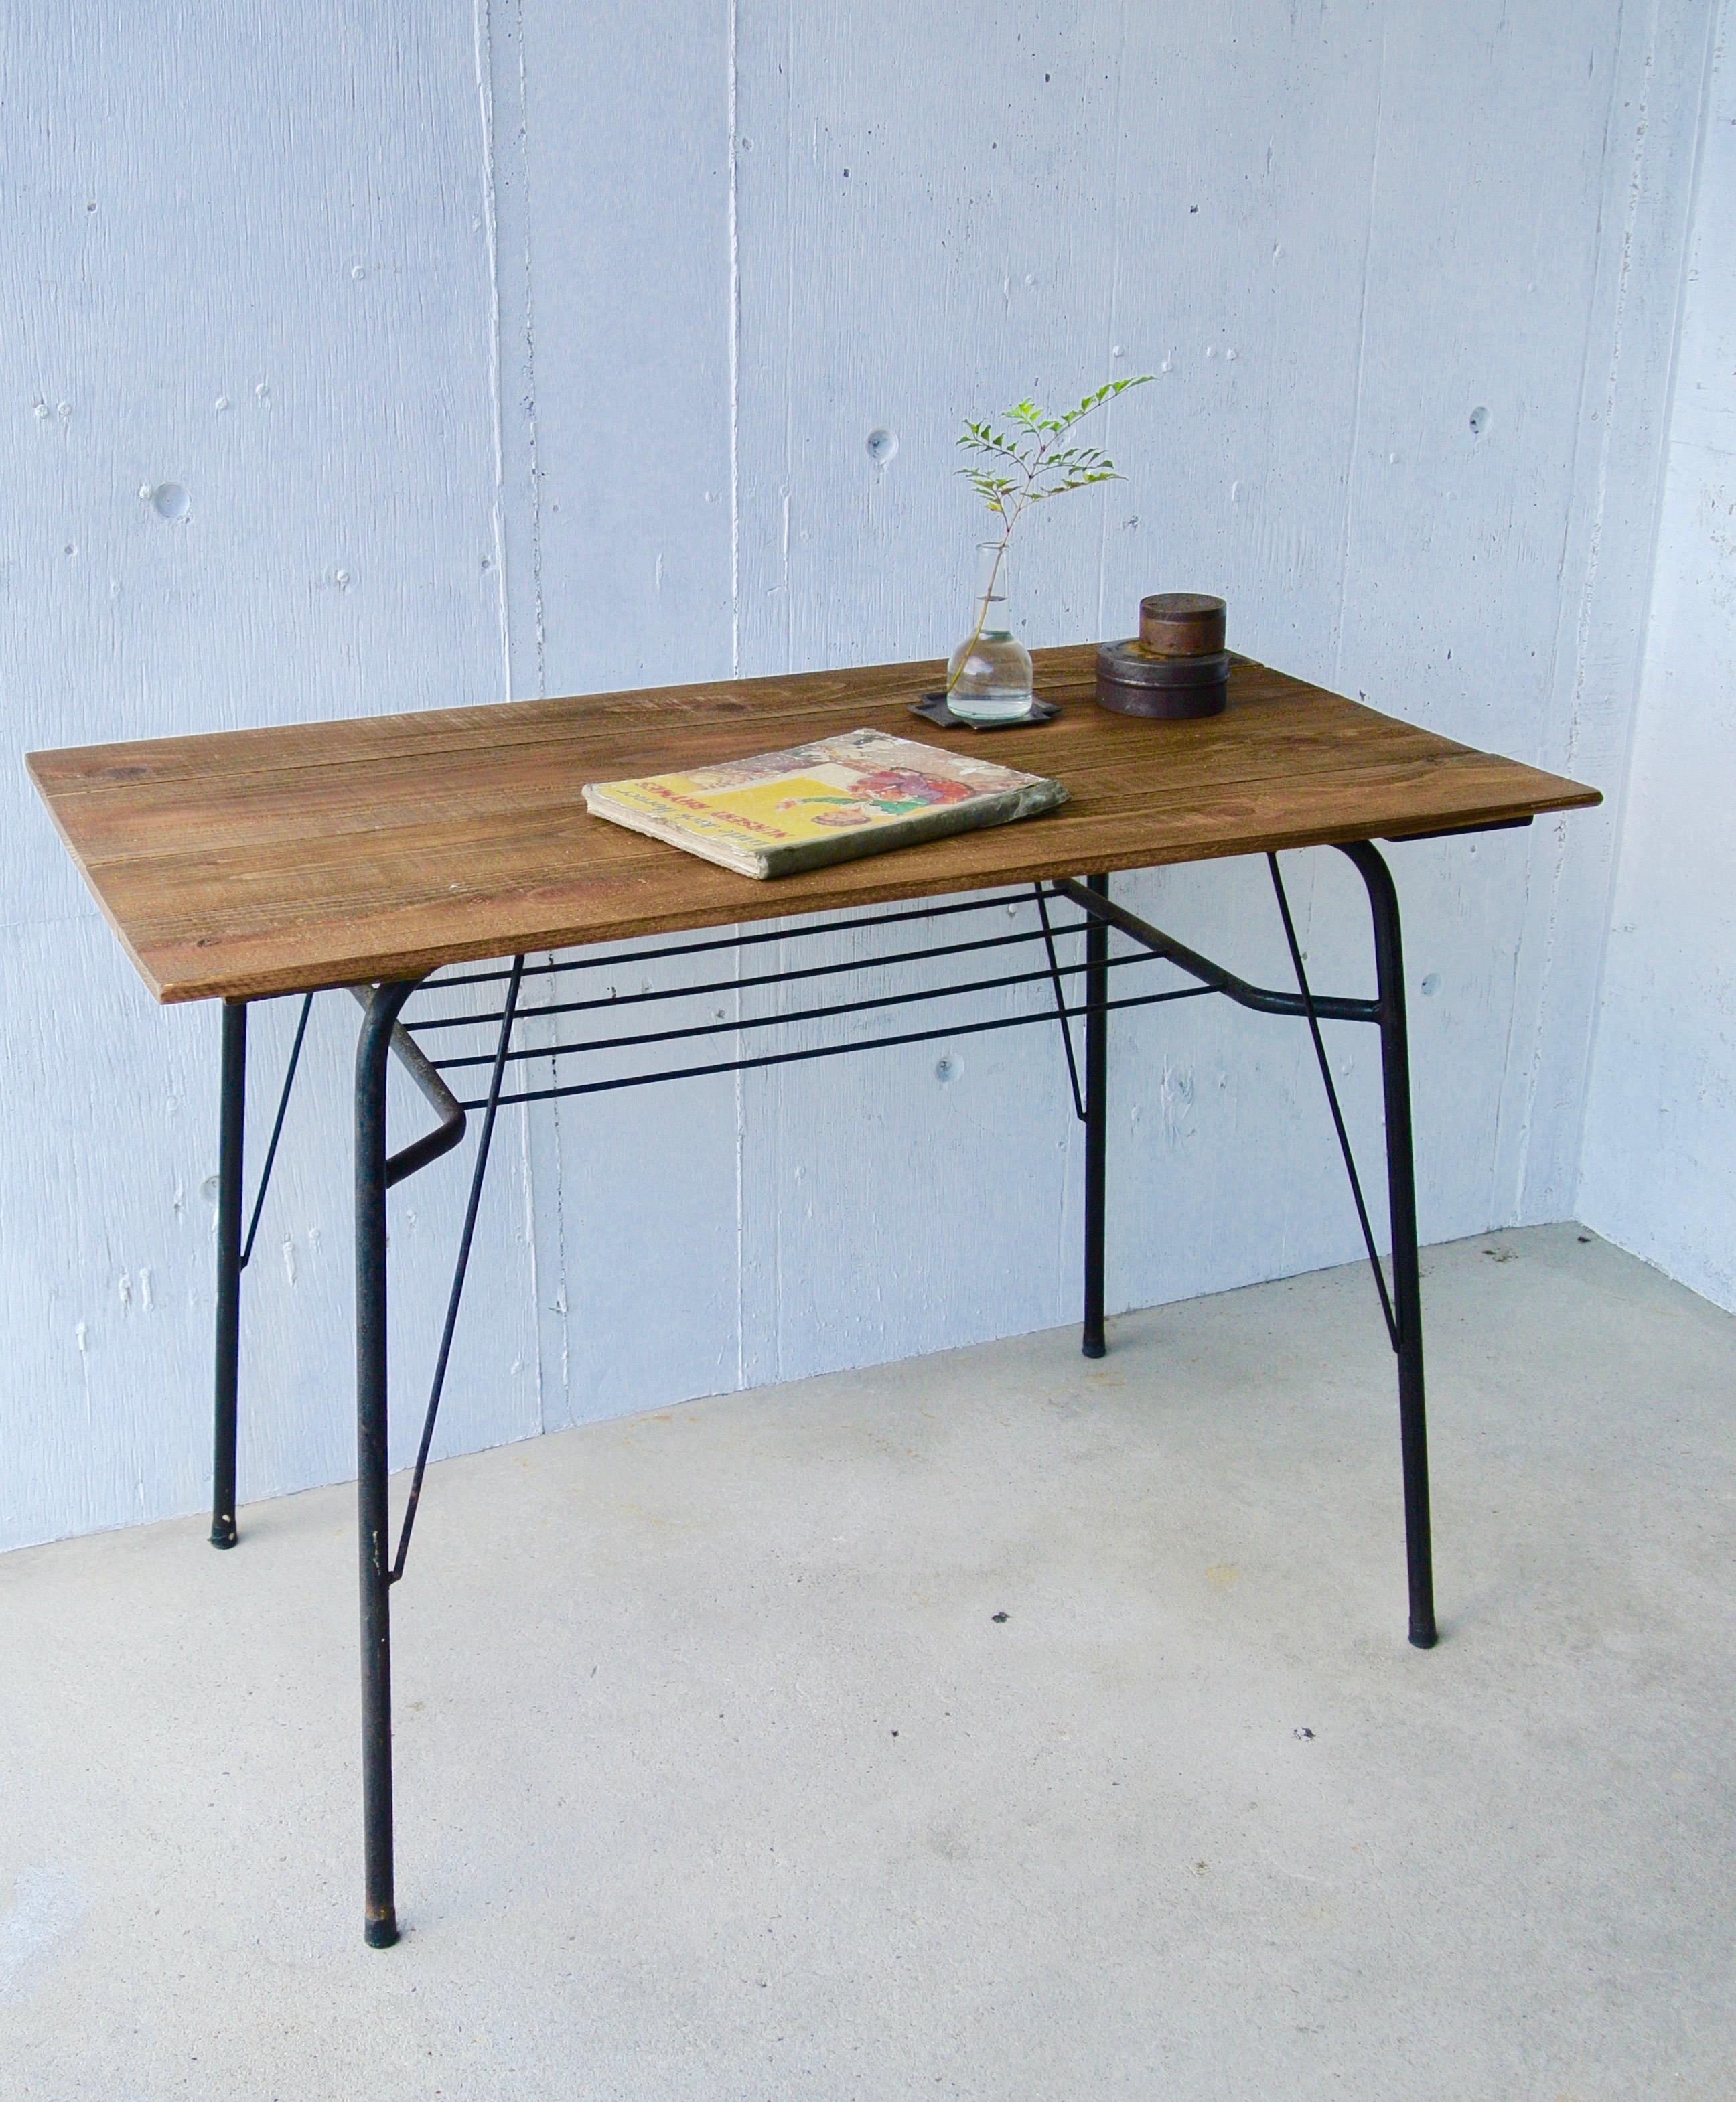 木天板×サビ脚のカフェテーブル[オリジナルリメイク]